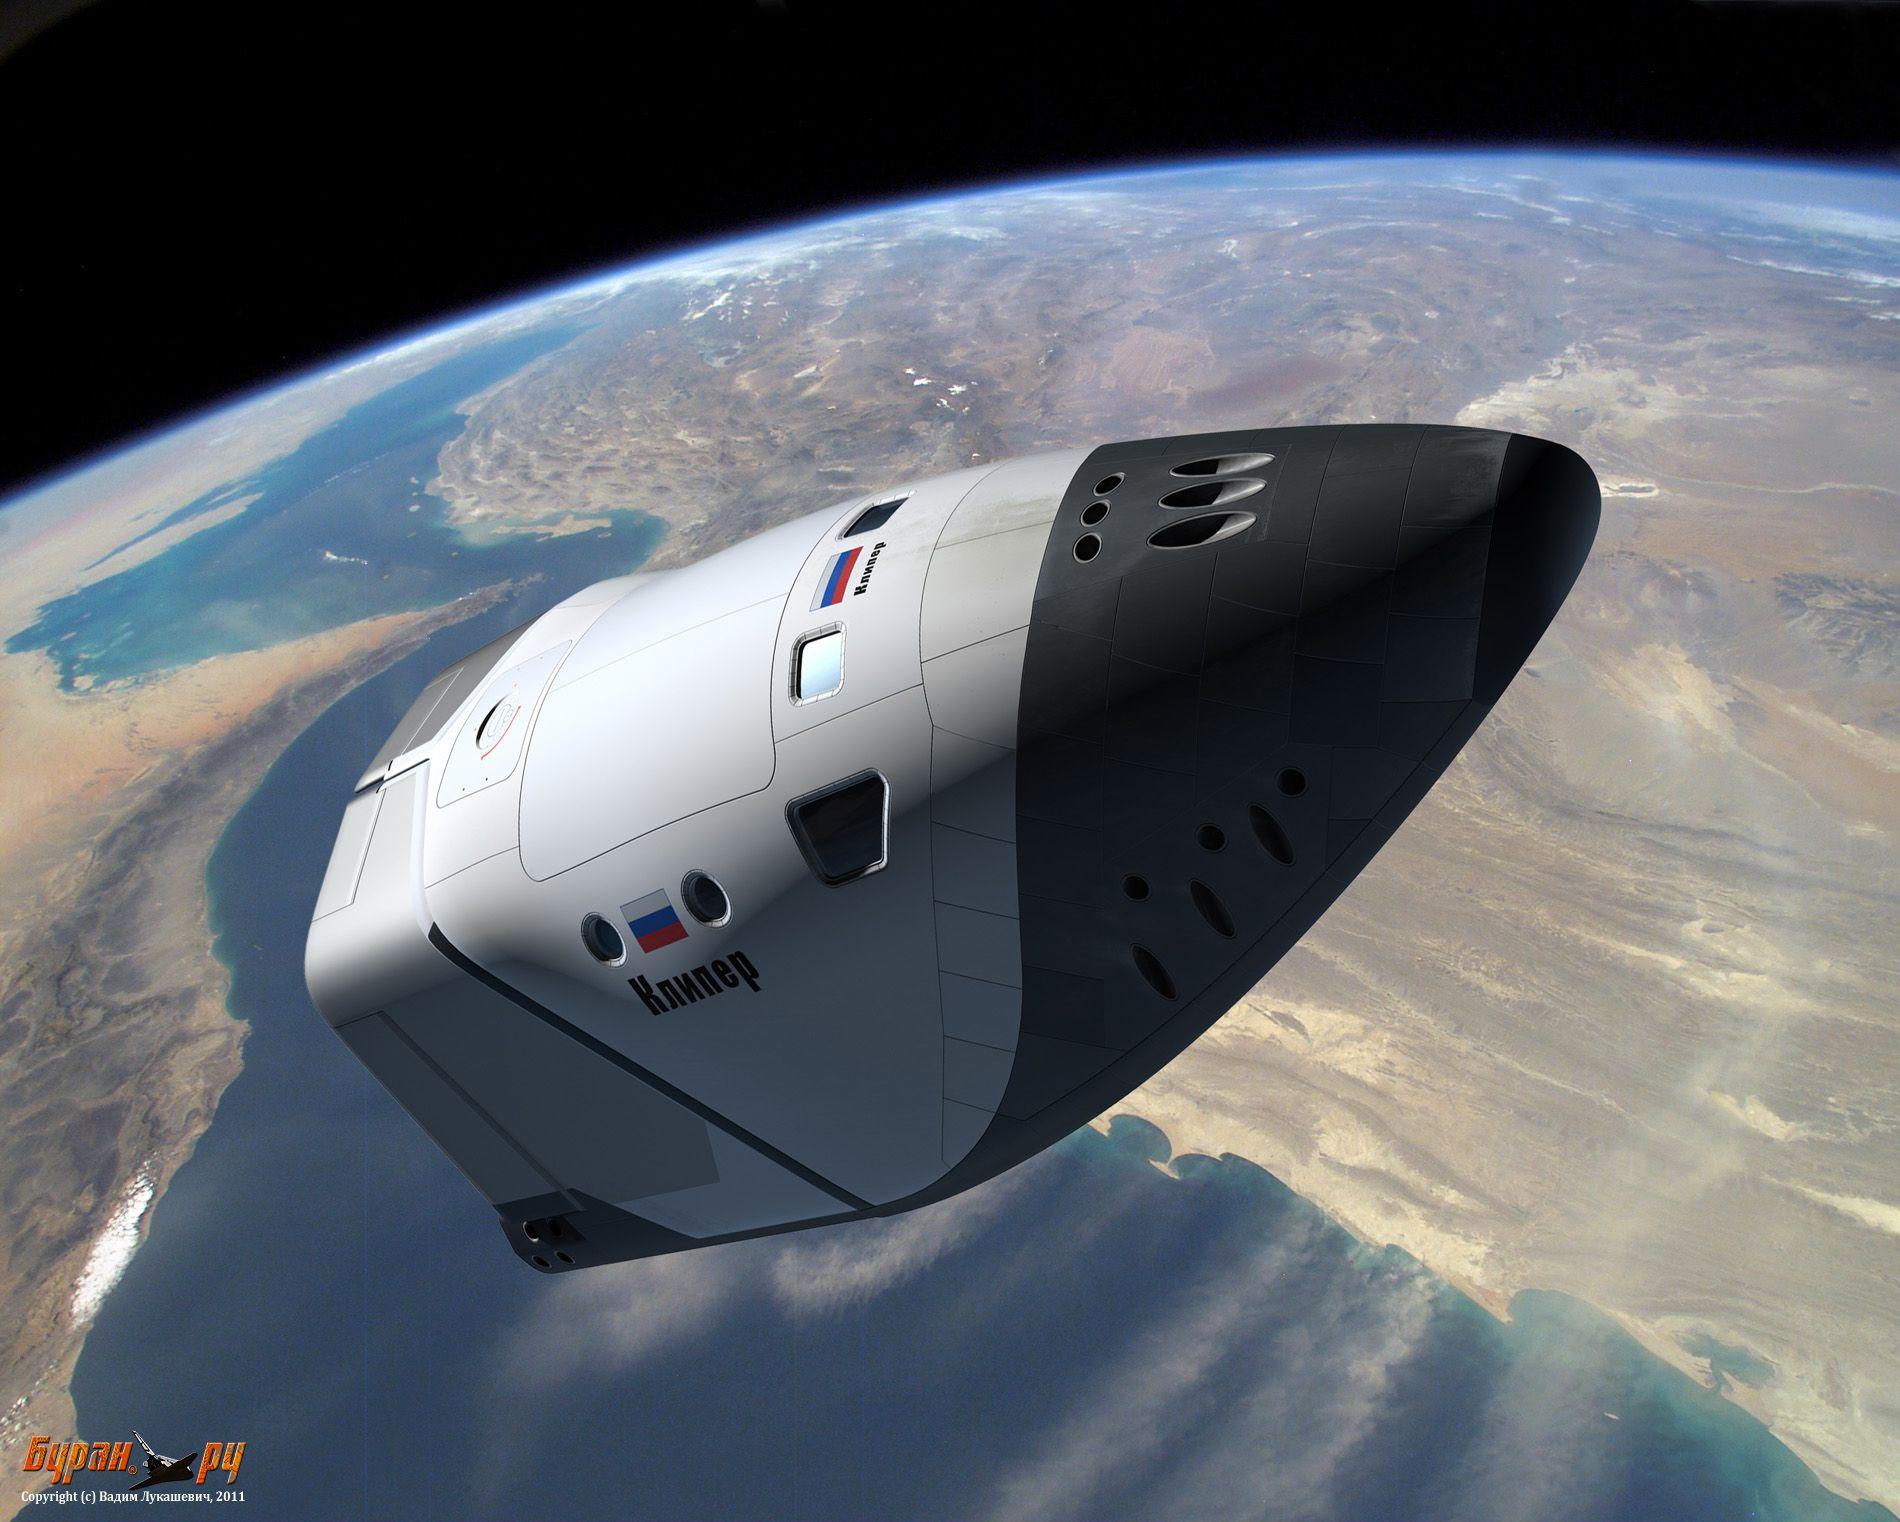 spacecraft found over pentagon - HD1900×1522